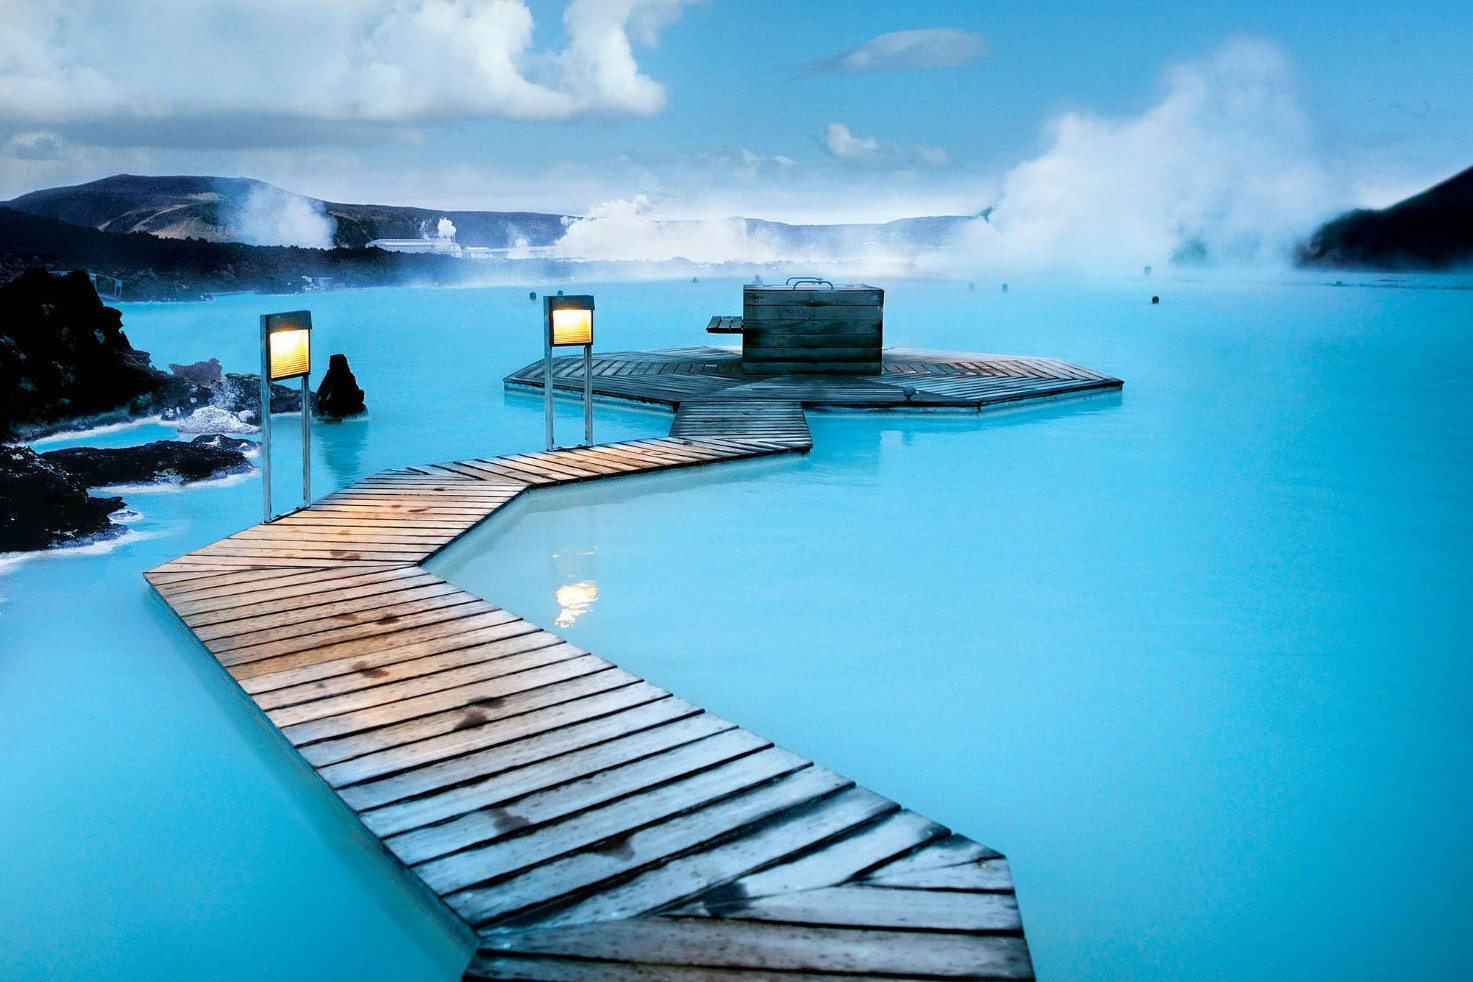 De 5 mooiste natuurlijke zwembaden ter wereld - Blue Lagoon in IJsland